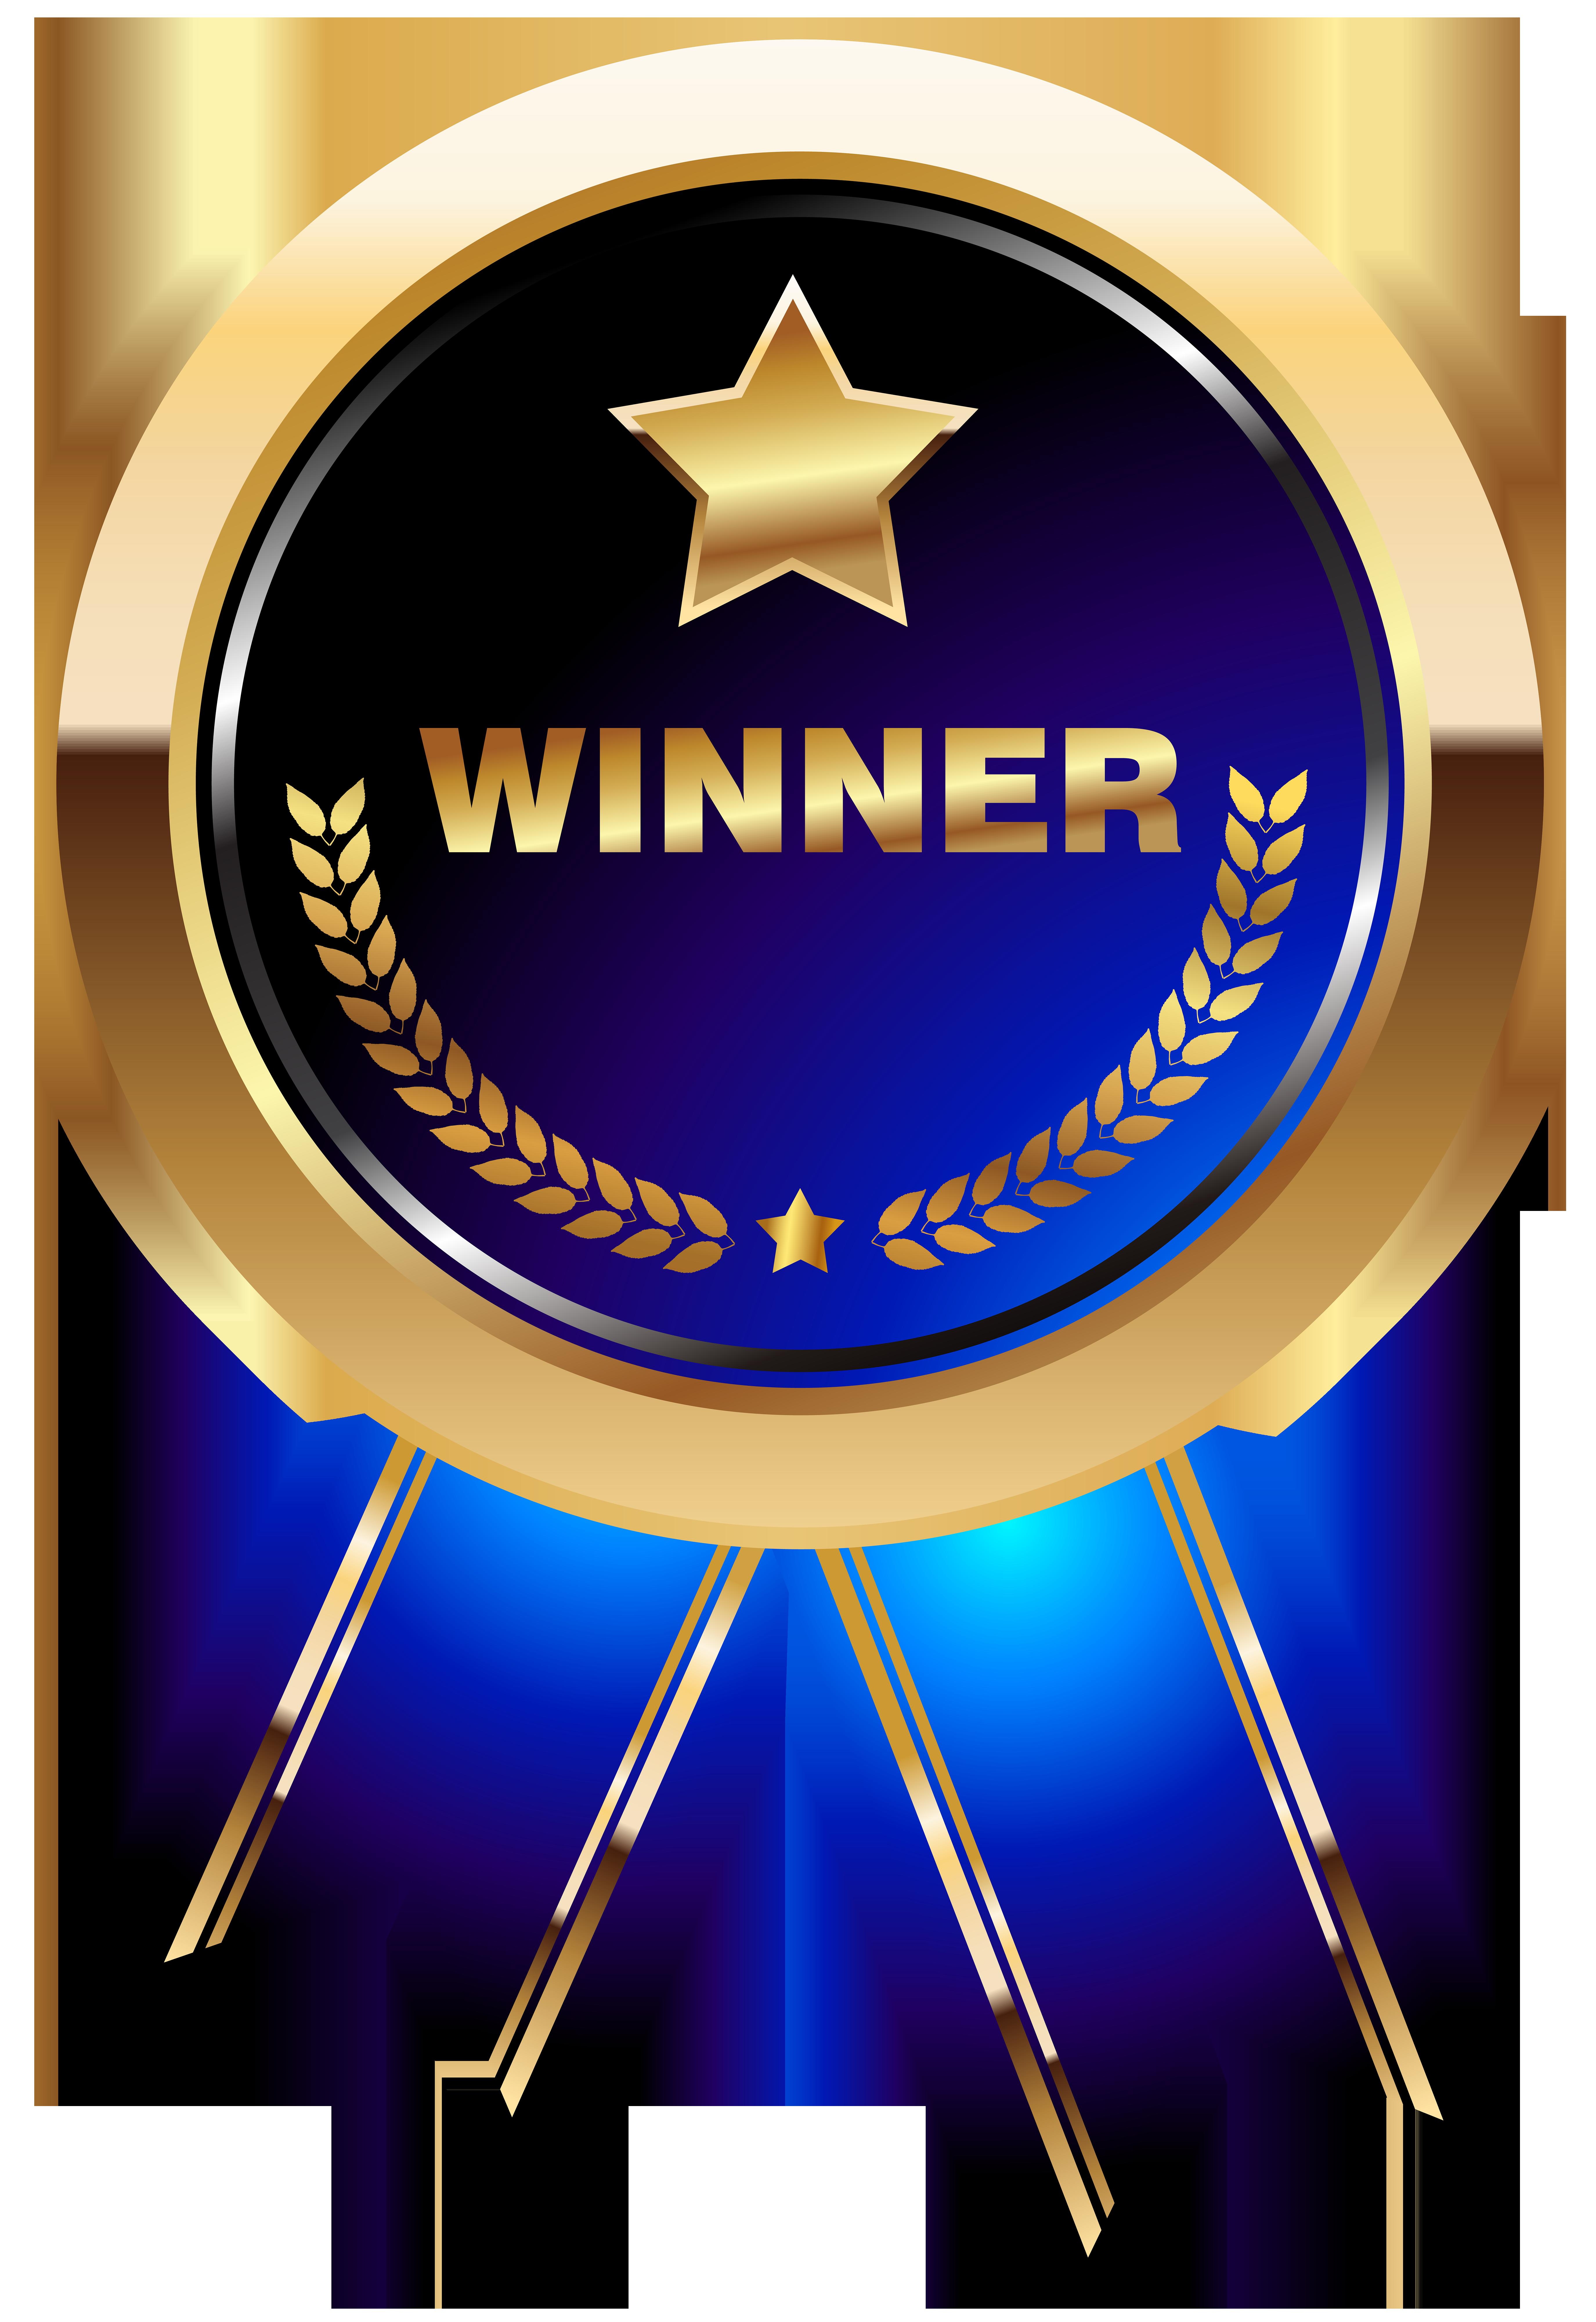 5500x8000 Winner Medal Blue Transparent Png Clip Art Imageu200b Gallery